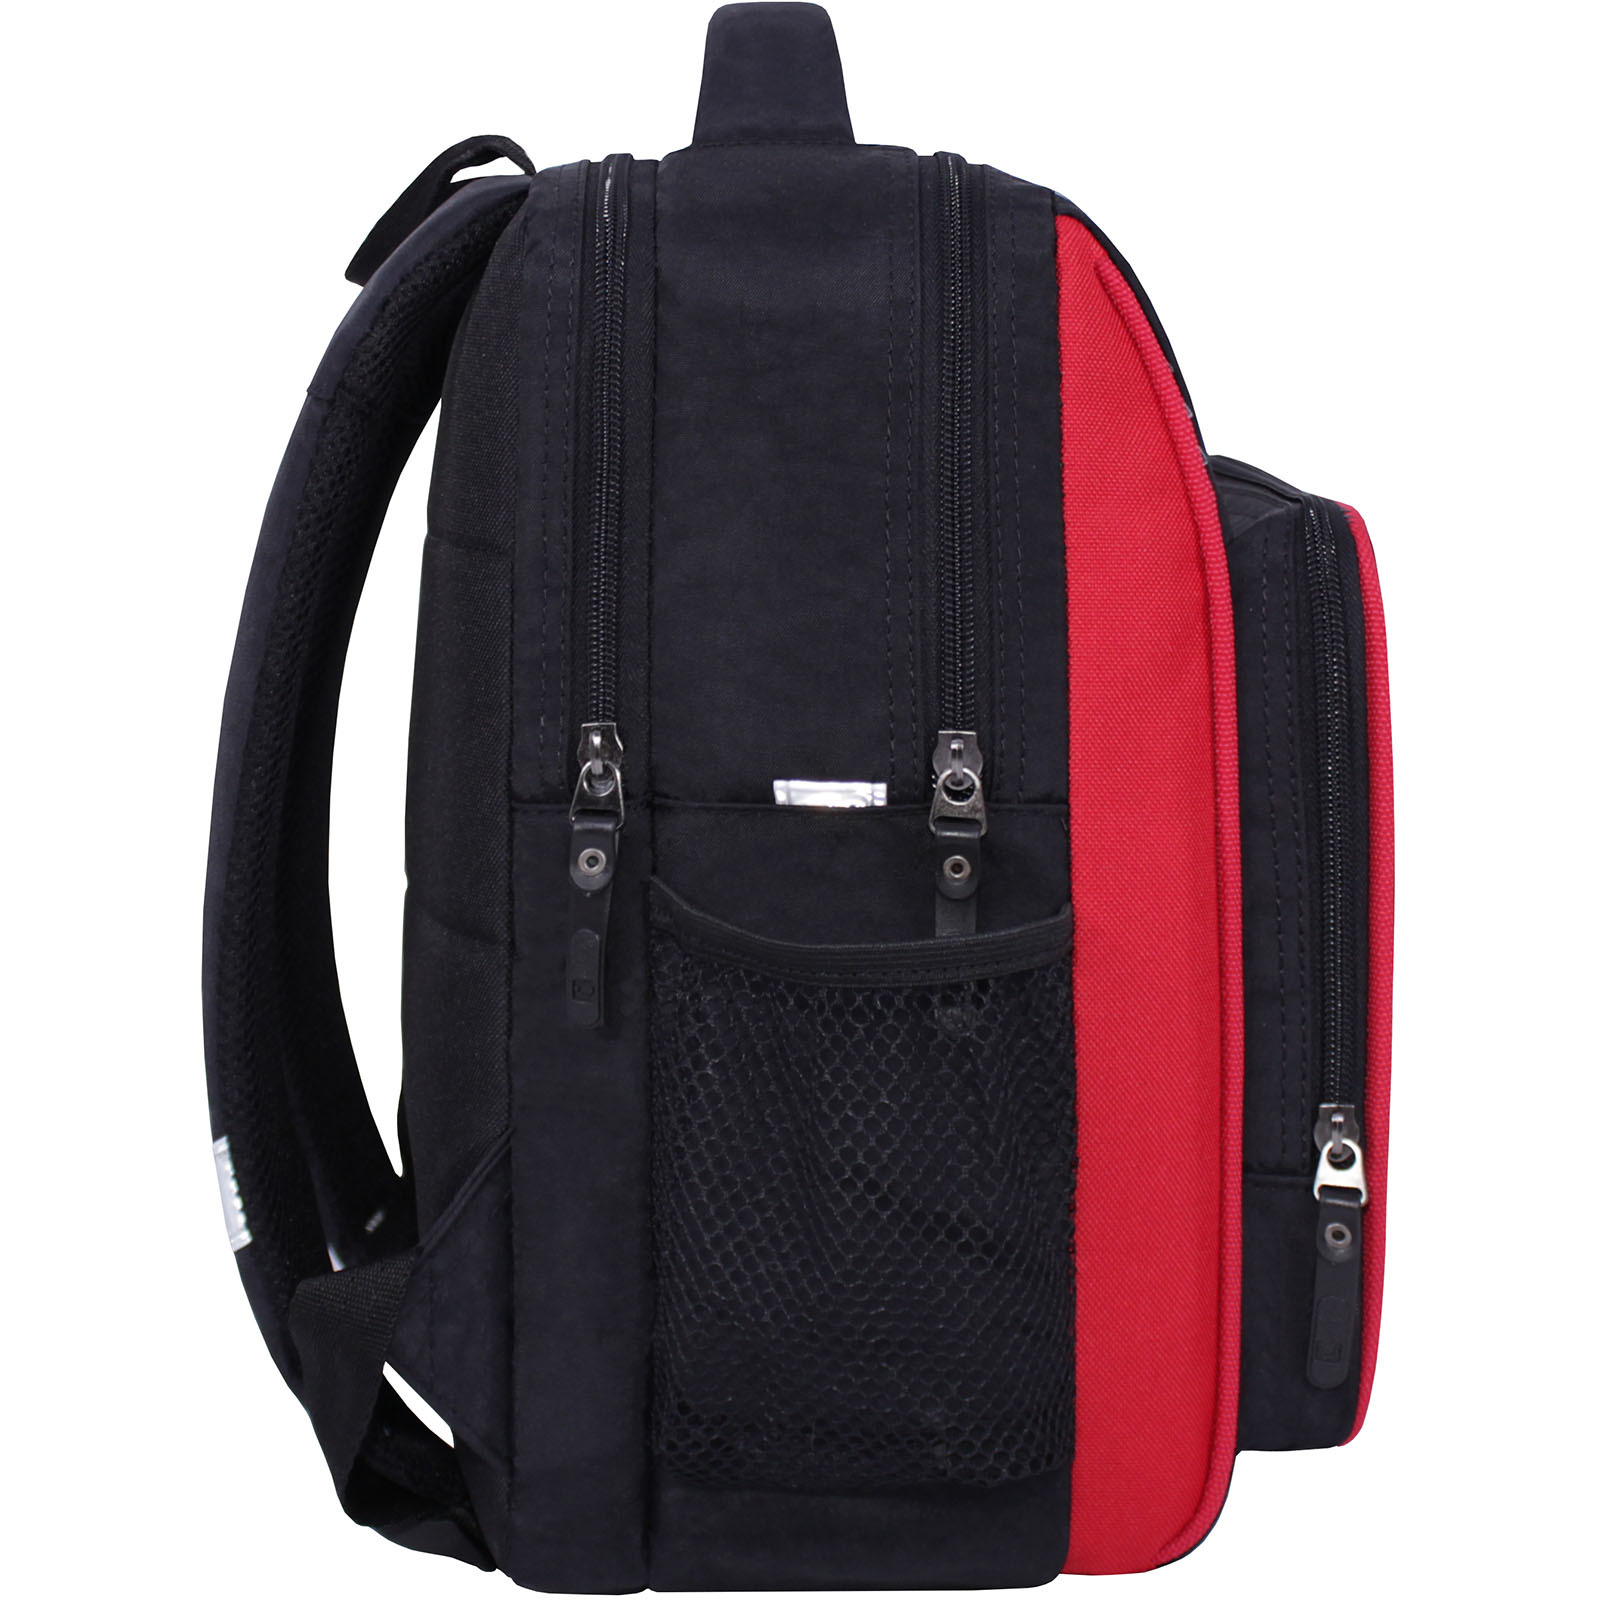 Рюкзак школьный Bagland Школьник 8 л. черный 568 (00112702) фото 2